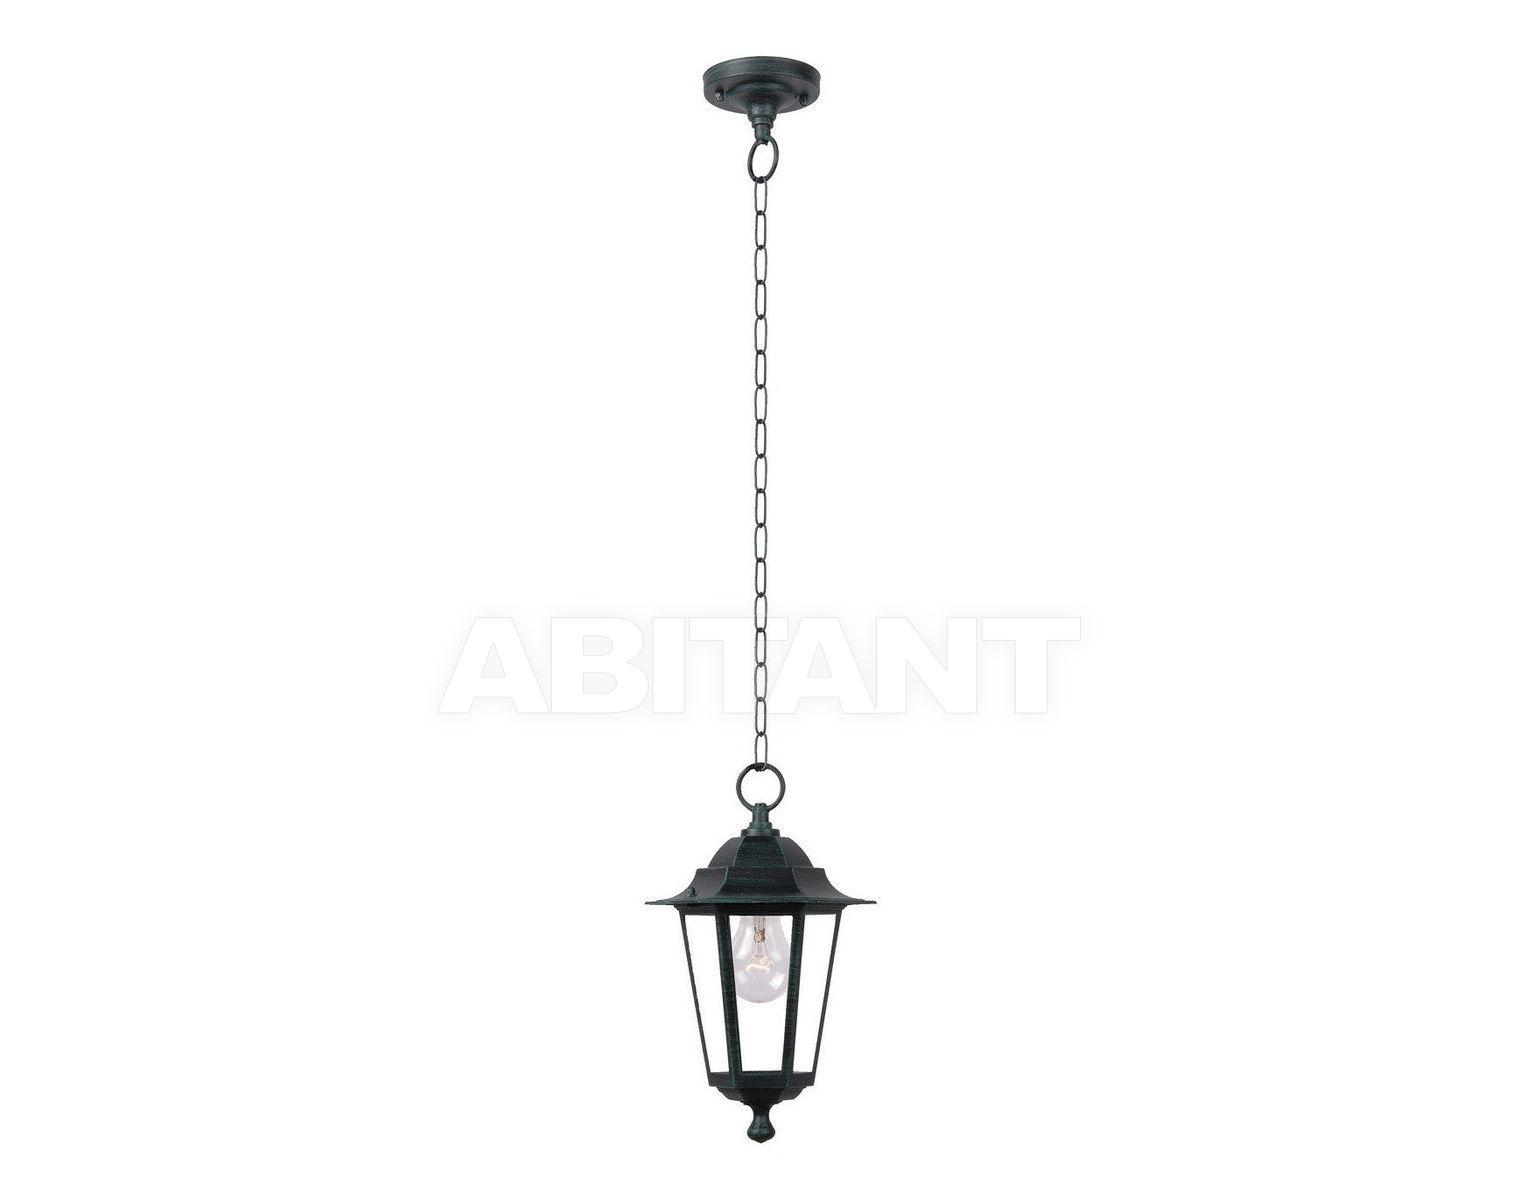 Купить Подвесной фонарь Lucide  Outdoor 2013 27808/01/45